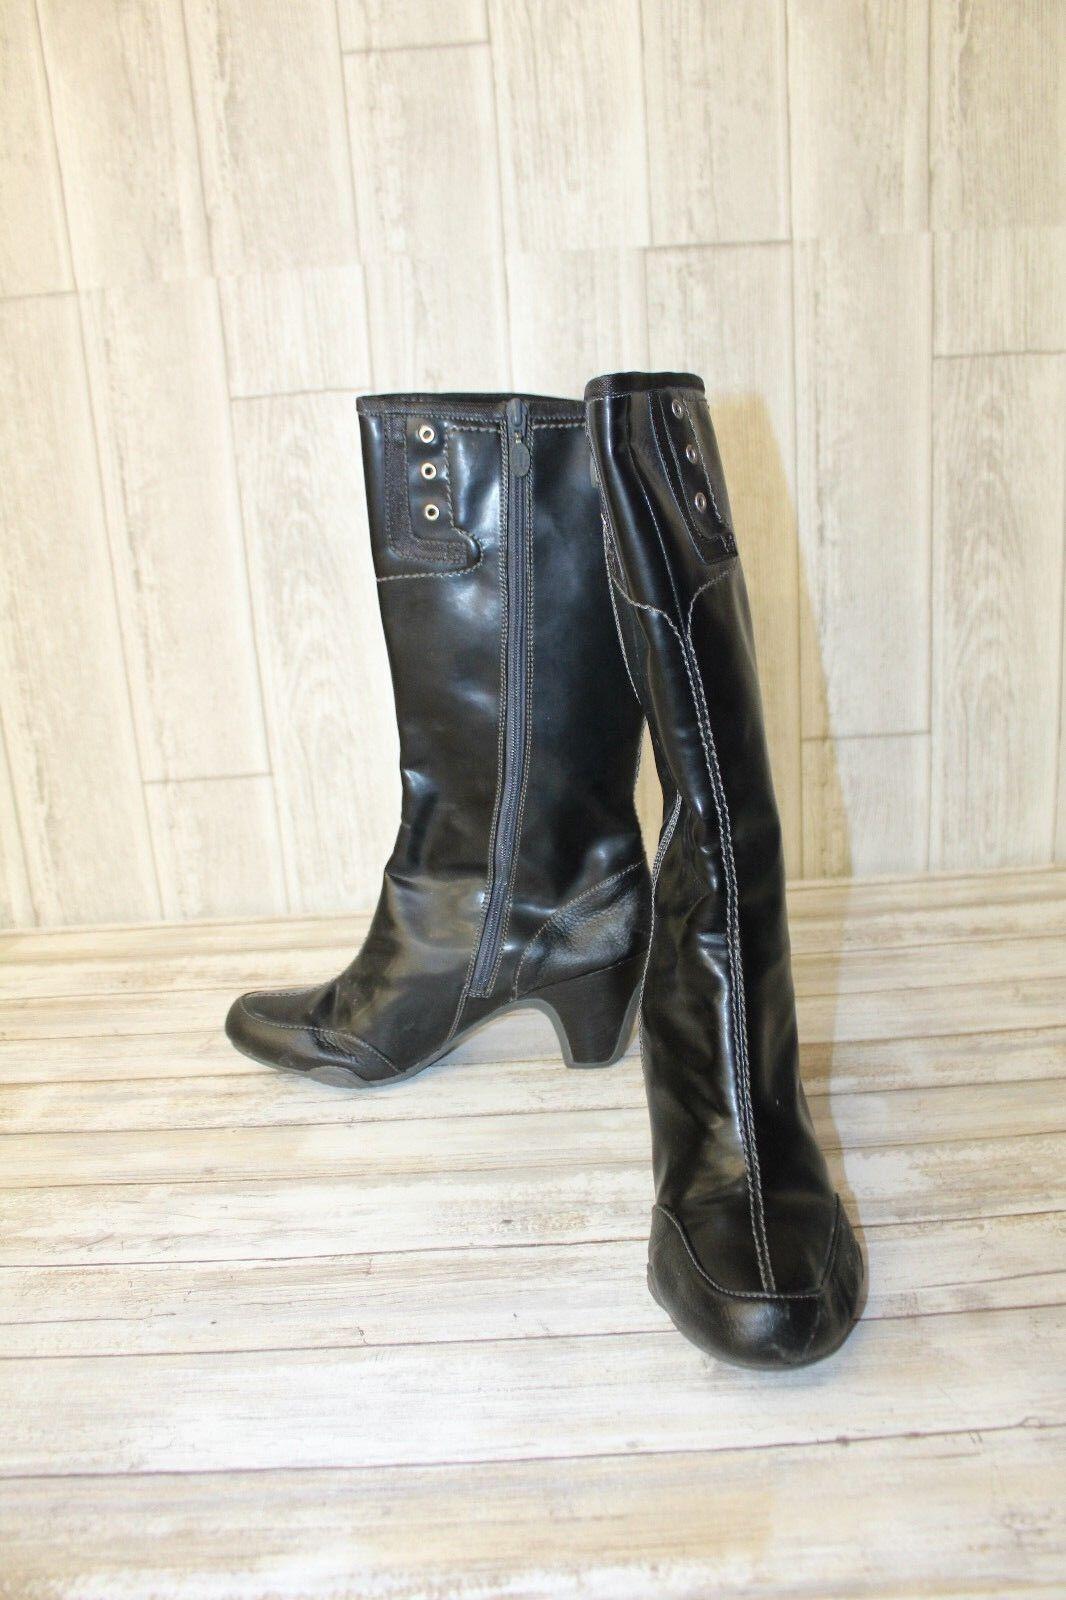 FRYE Black Heel Boots - Women's size 10 - Black